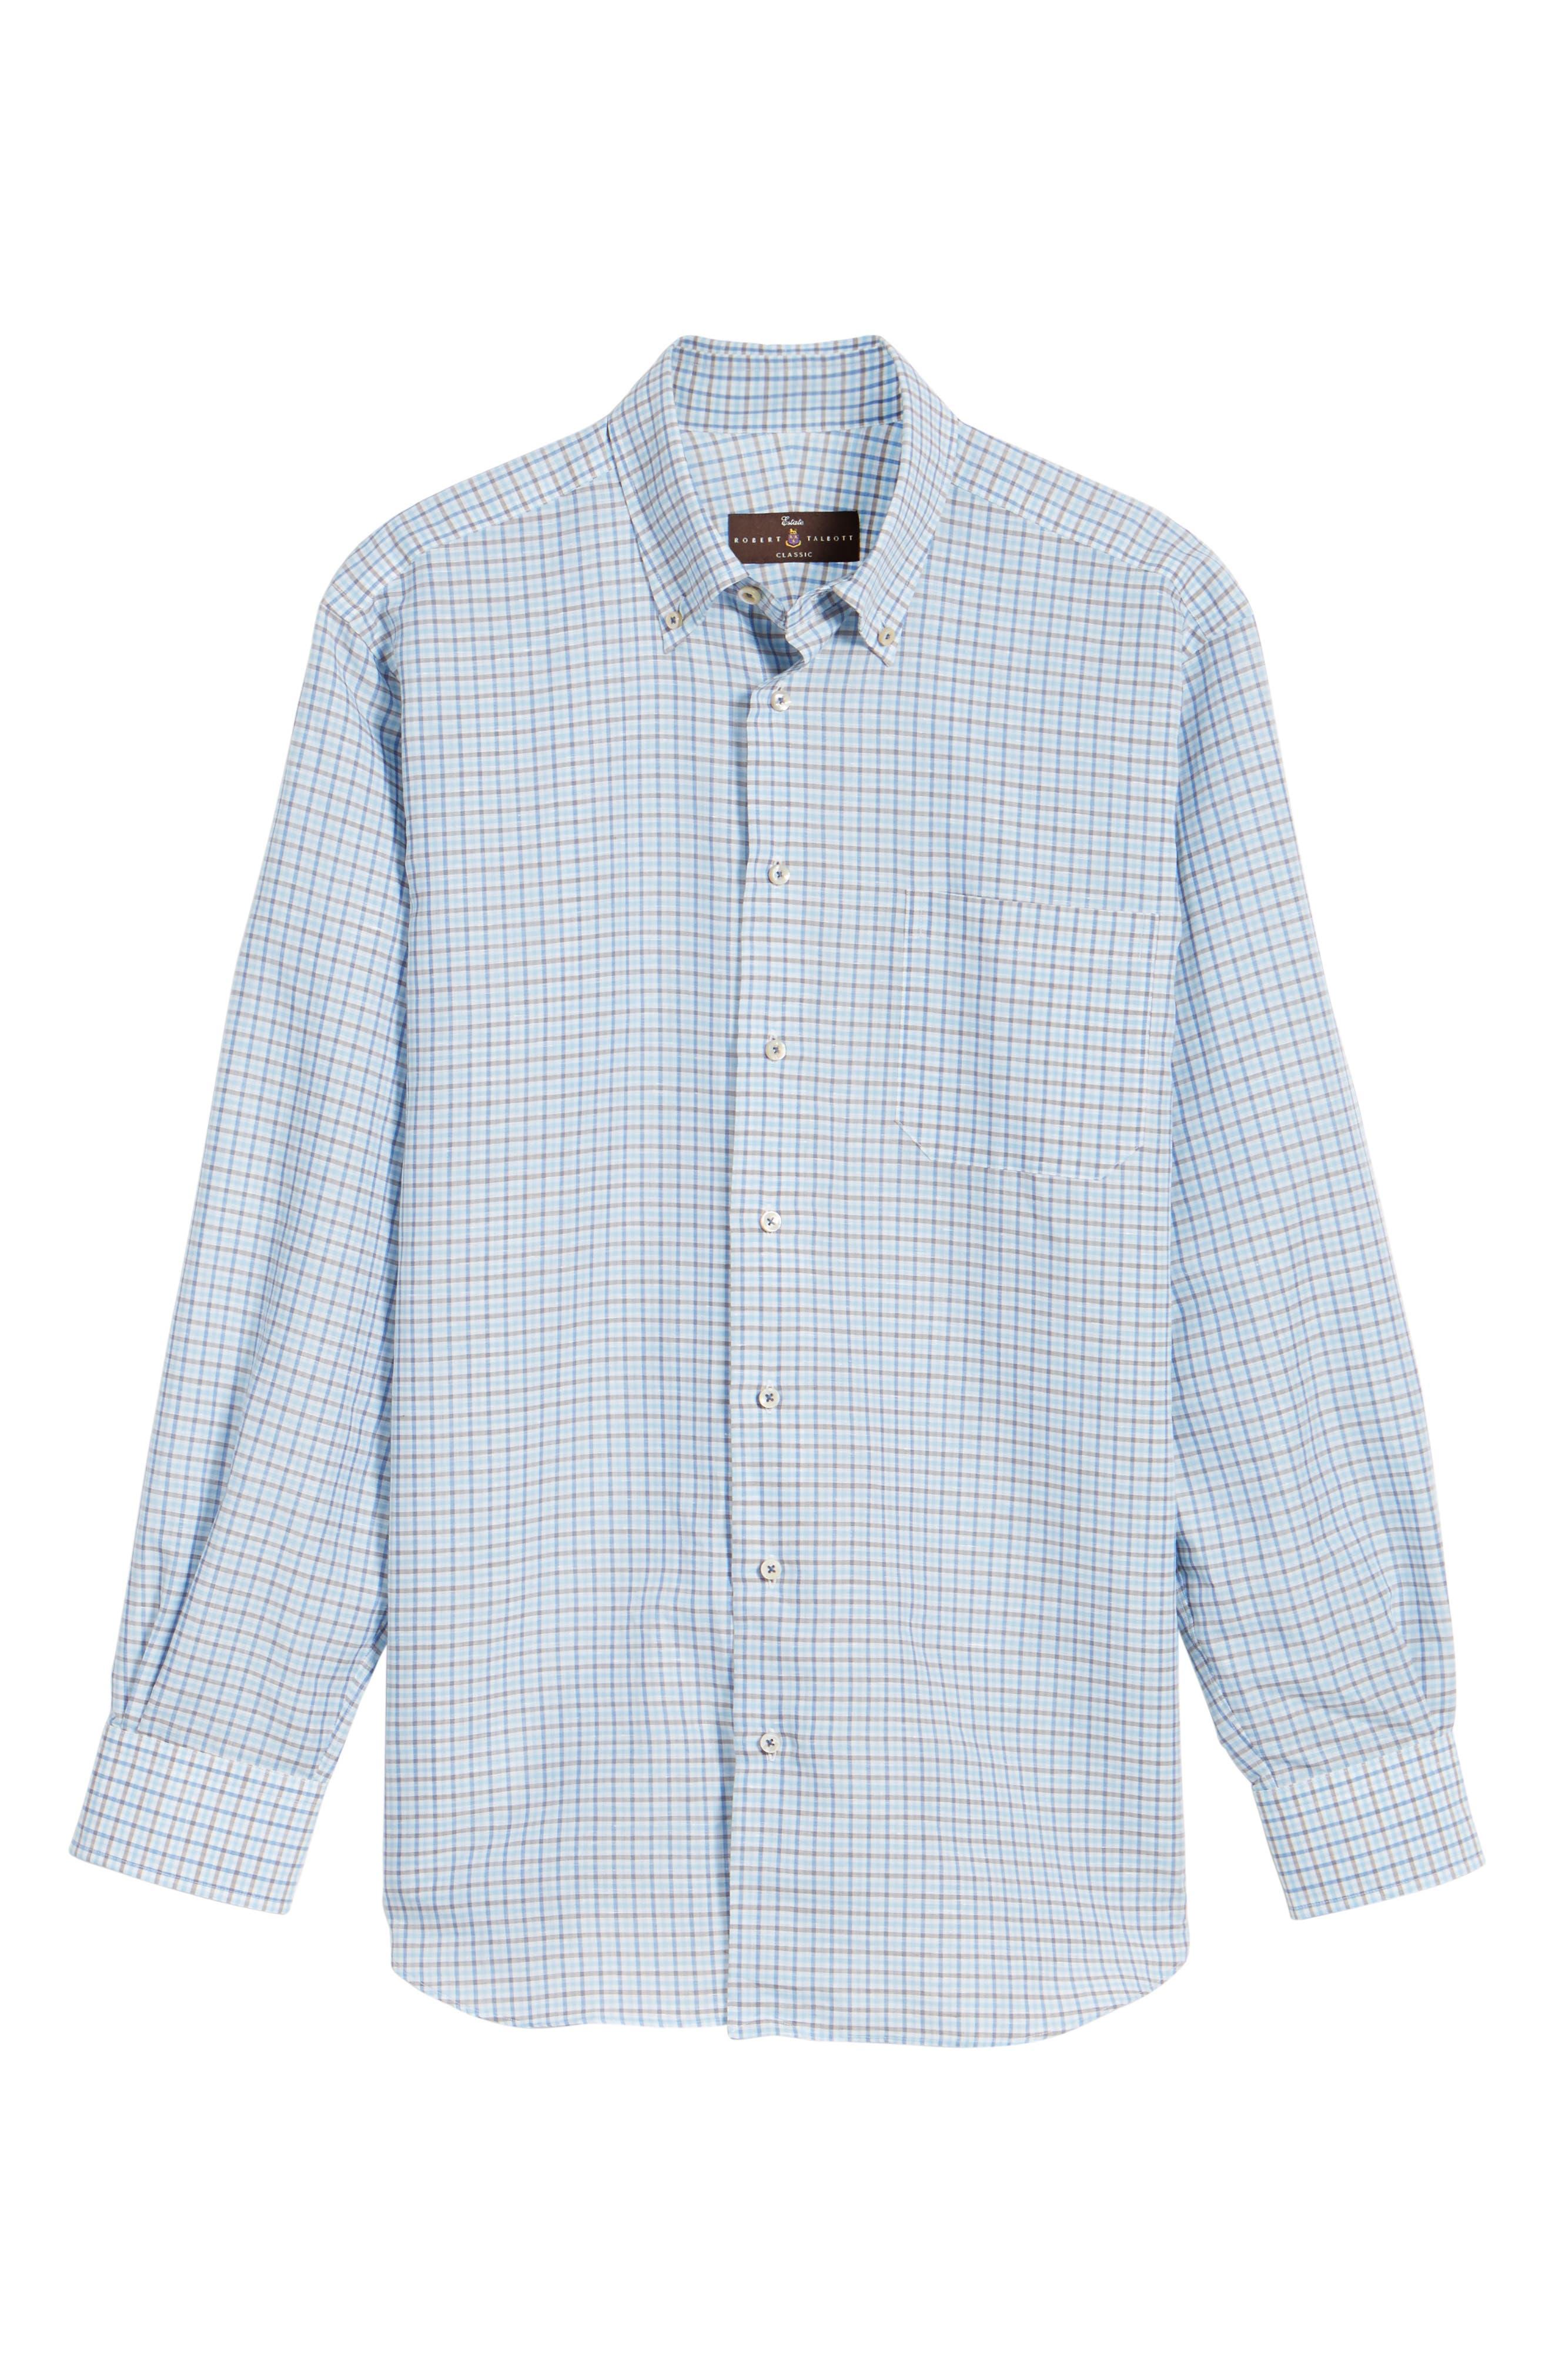 Estate Classic Fit Sport Shirt,                             Alternate thumbnail 6, color,                             248